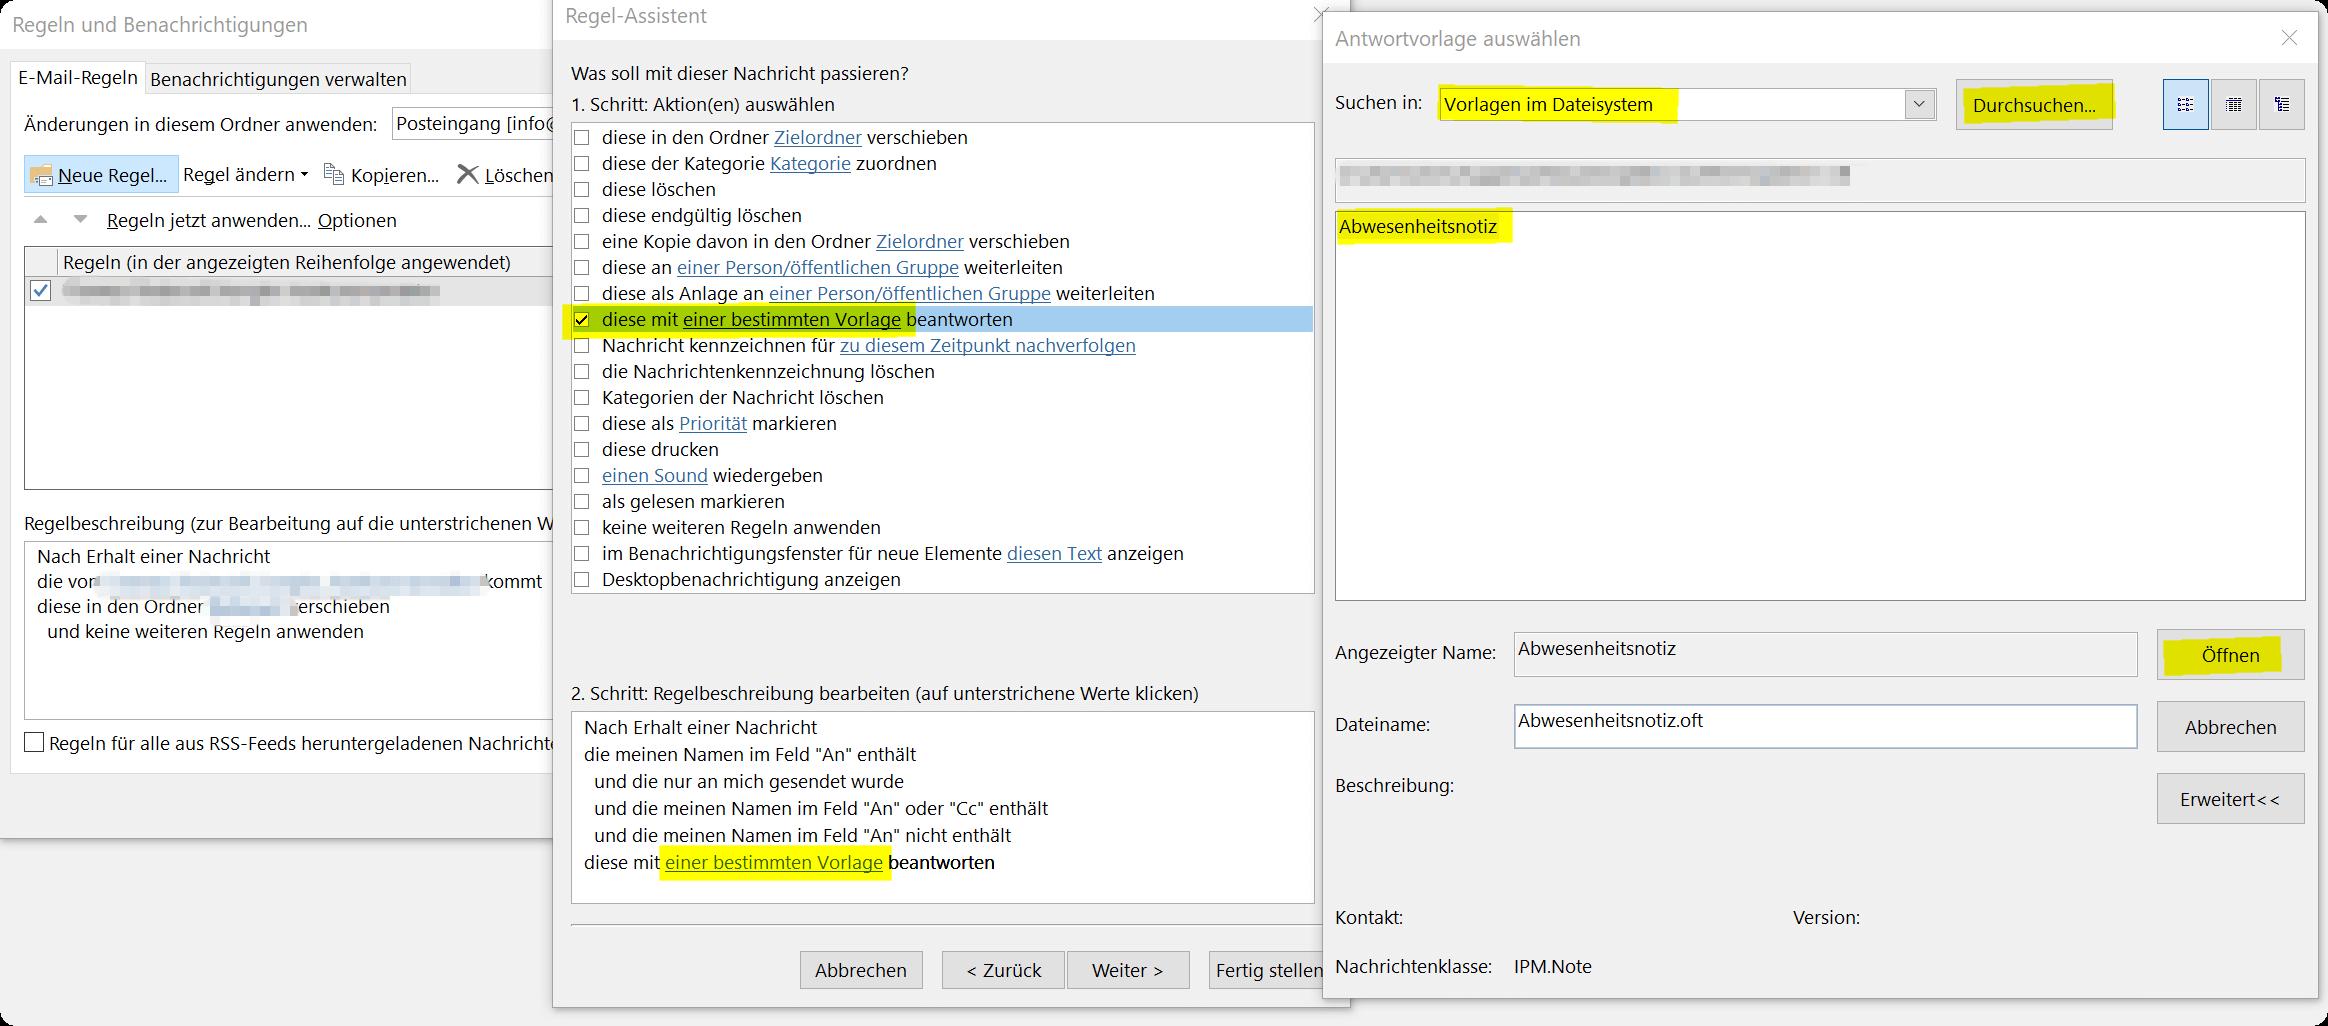 Outlook Regel Assistent - Antwortvorlage auswählen